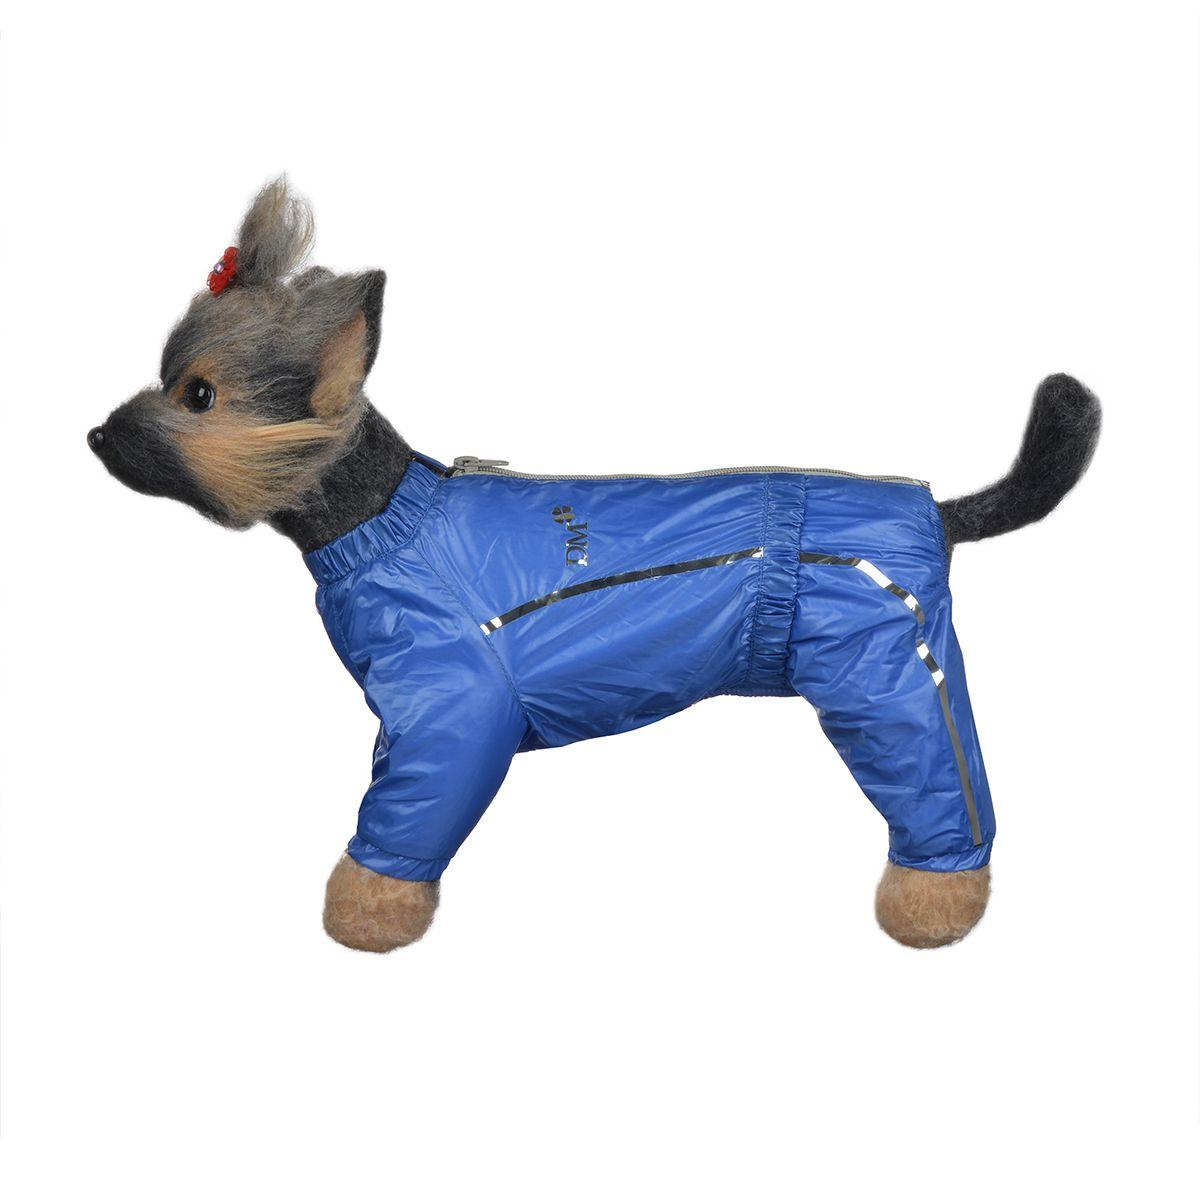 Комбинезон для собак Dogmoda Альпы, для мальчика, цвет: синий. Размер 2 (M)DM-150329-2Комбинезон для собак Dogmoda Альпы отлично подойдет для прогулок поздней осенью или ранней весной.Комбинезон изготовлен из полиэстера, защищающего от ветра и осадков, с подкладкой из флиса, которая сохранит тепло и обеспечит отличный воздухообмен. Комбинезон застегивается на молнию и липучку, благодаря чему его легко надевать и снимать. Ворот, низ рукавов и брючин оснащены внутренними резинками, которые мягко обхватывают шею и лапки, не позволяя просачиваться холодному воздуху. На пояснице имеется внутренняя резинка. Изделие декорировано серебристыми полосками и надписью DM.Благодаря такому комбинезону простуда не грозит вашему питомцу и он не даст любимцу продрогнуть на прогулке.